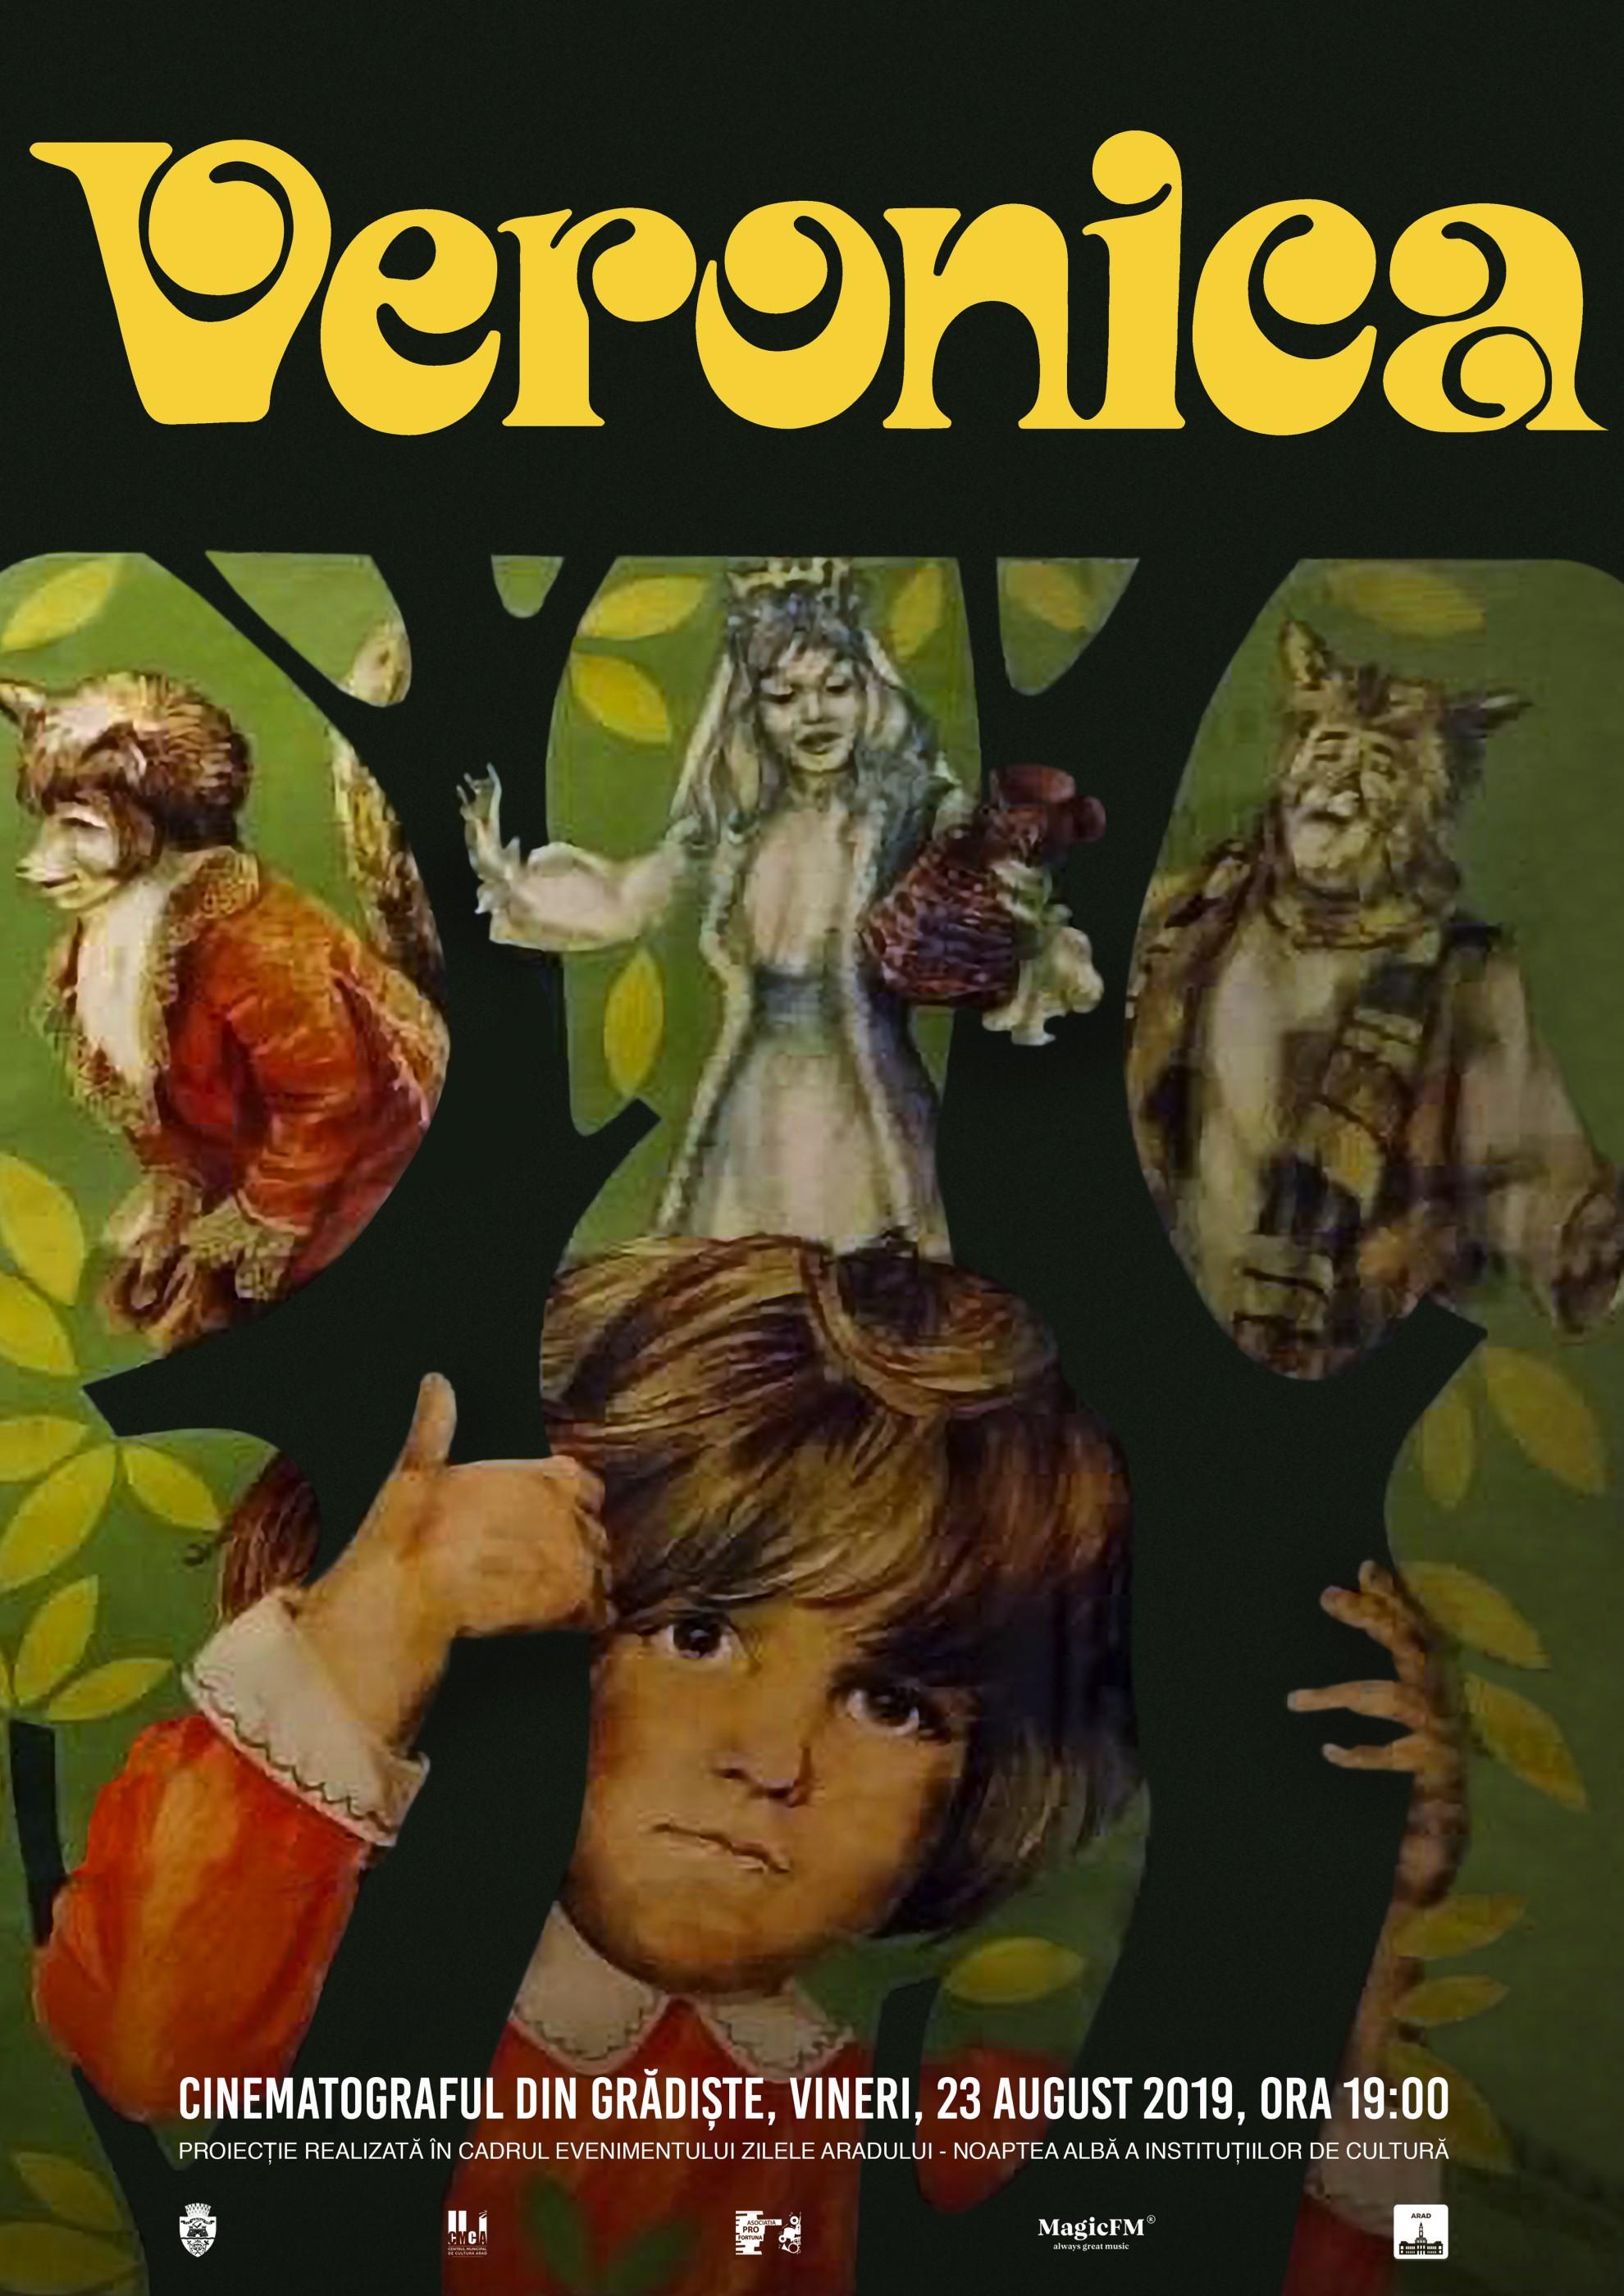 """Filmul """"Veronica"""", proiectat la Noaptea Albă a Instituțiilor de Cultură, la Cinematograful din Grădiște"""